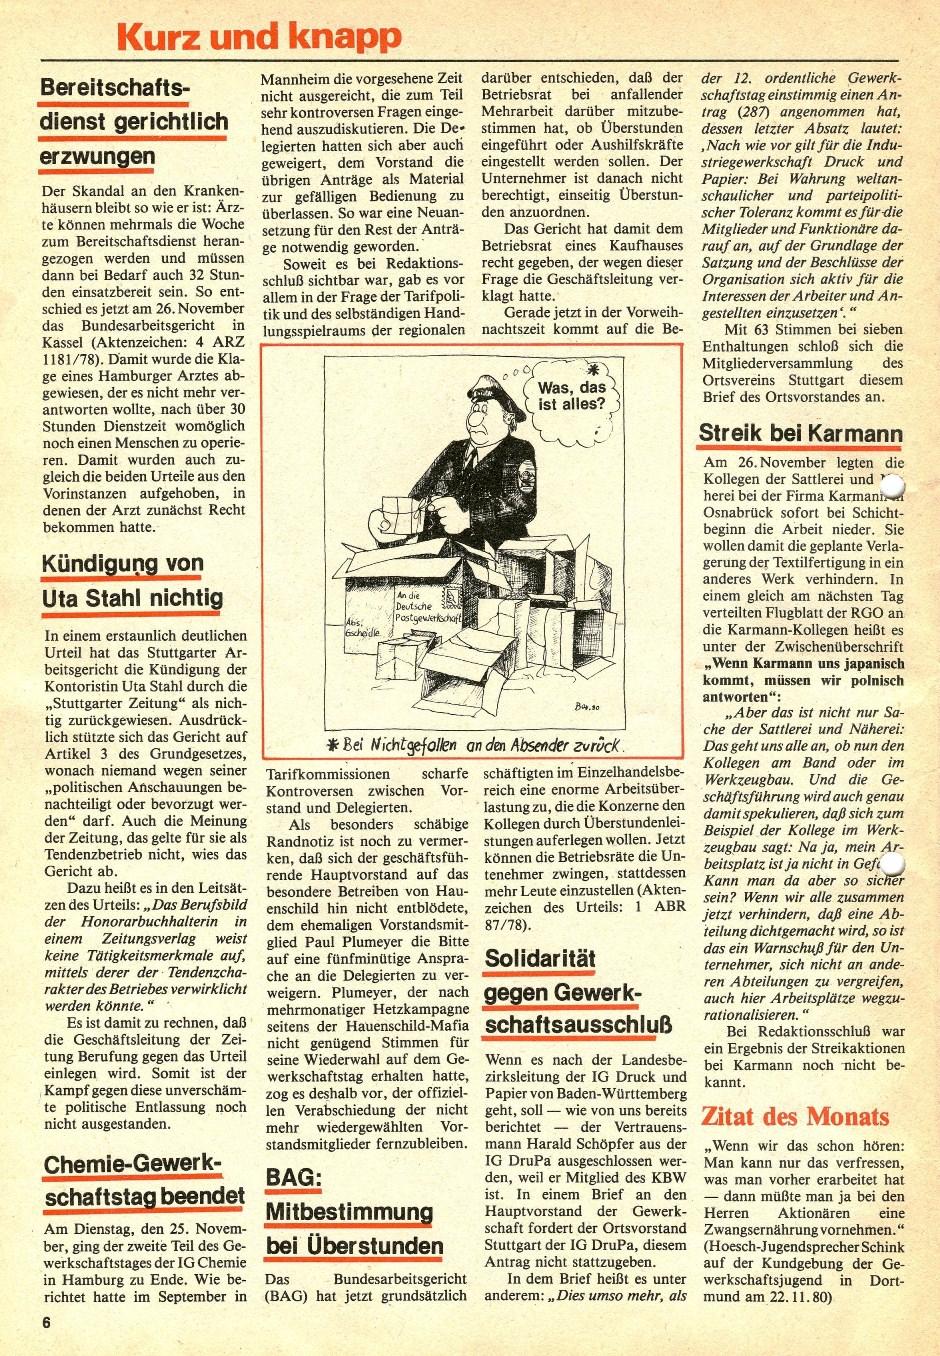 RGO_RGO_Nachrichten_1980_12_06